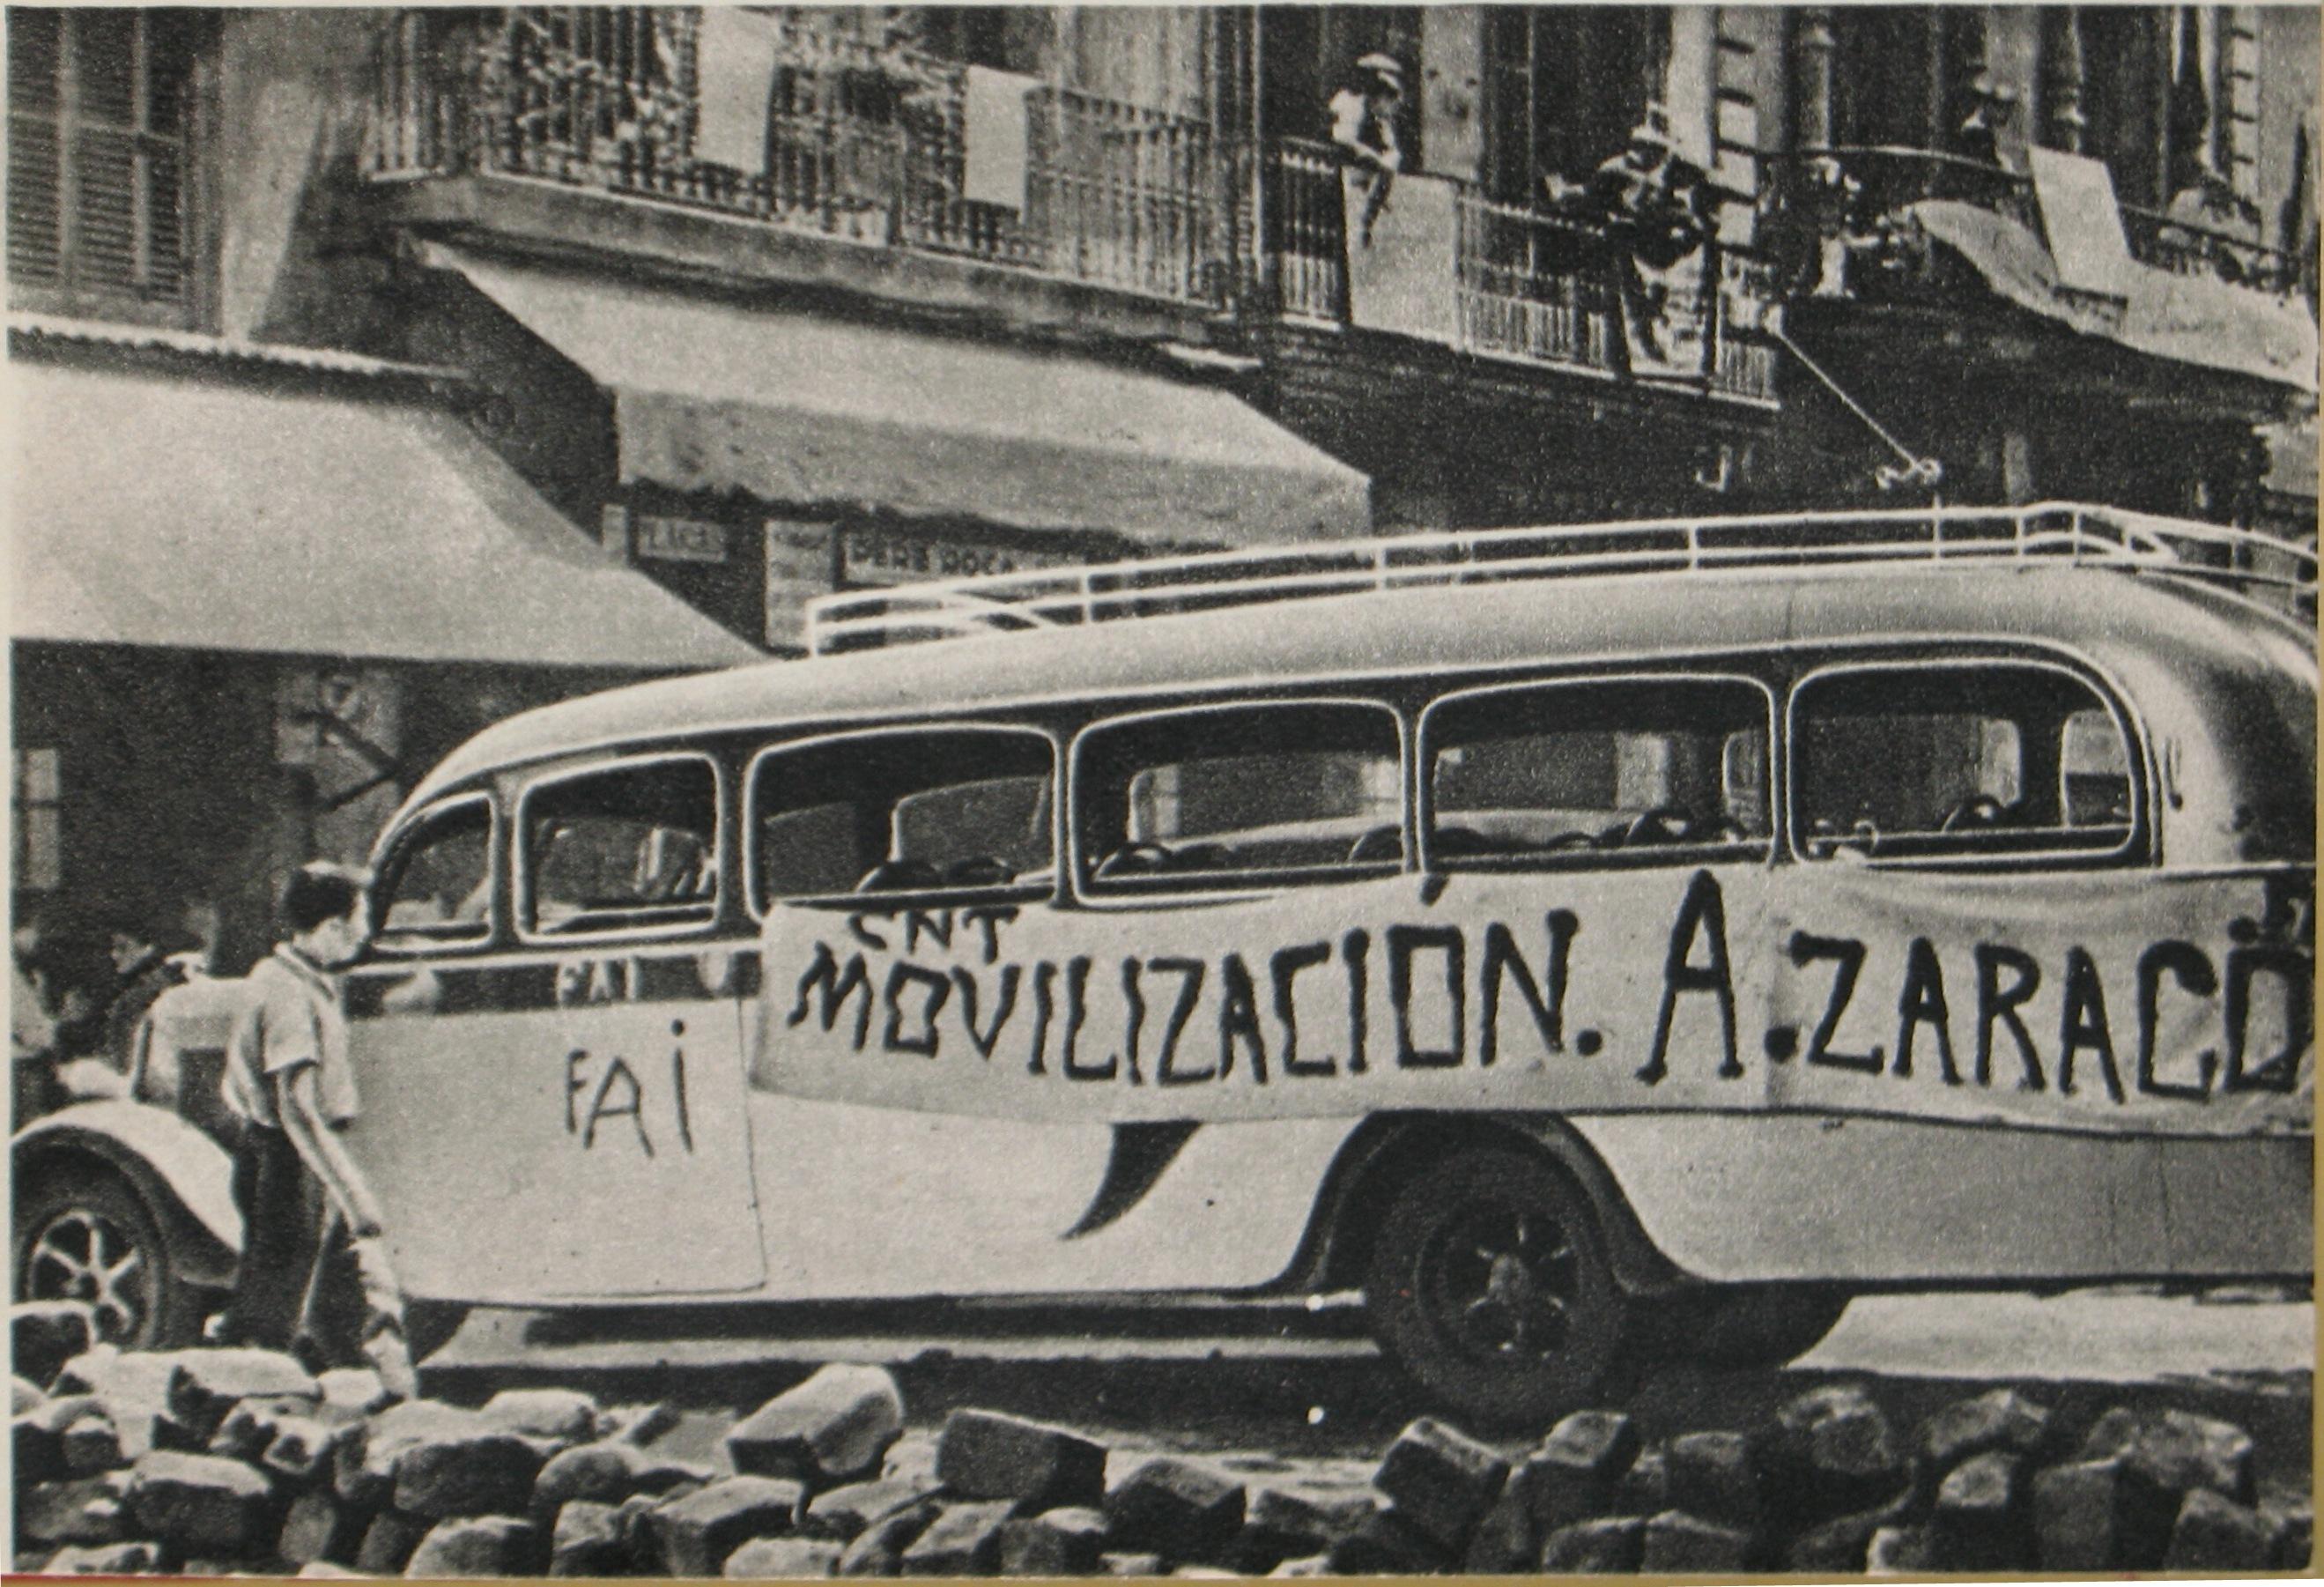 Mezzo di trasporto requisito dagli anarchici catalani a Barcellona durante l'insurrezione dell'estate 1936, conseguente all'iniziale sconfitta dei militari ribelli in città. Foto via Wikimedia commons - Guerra civile spagnola